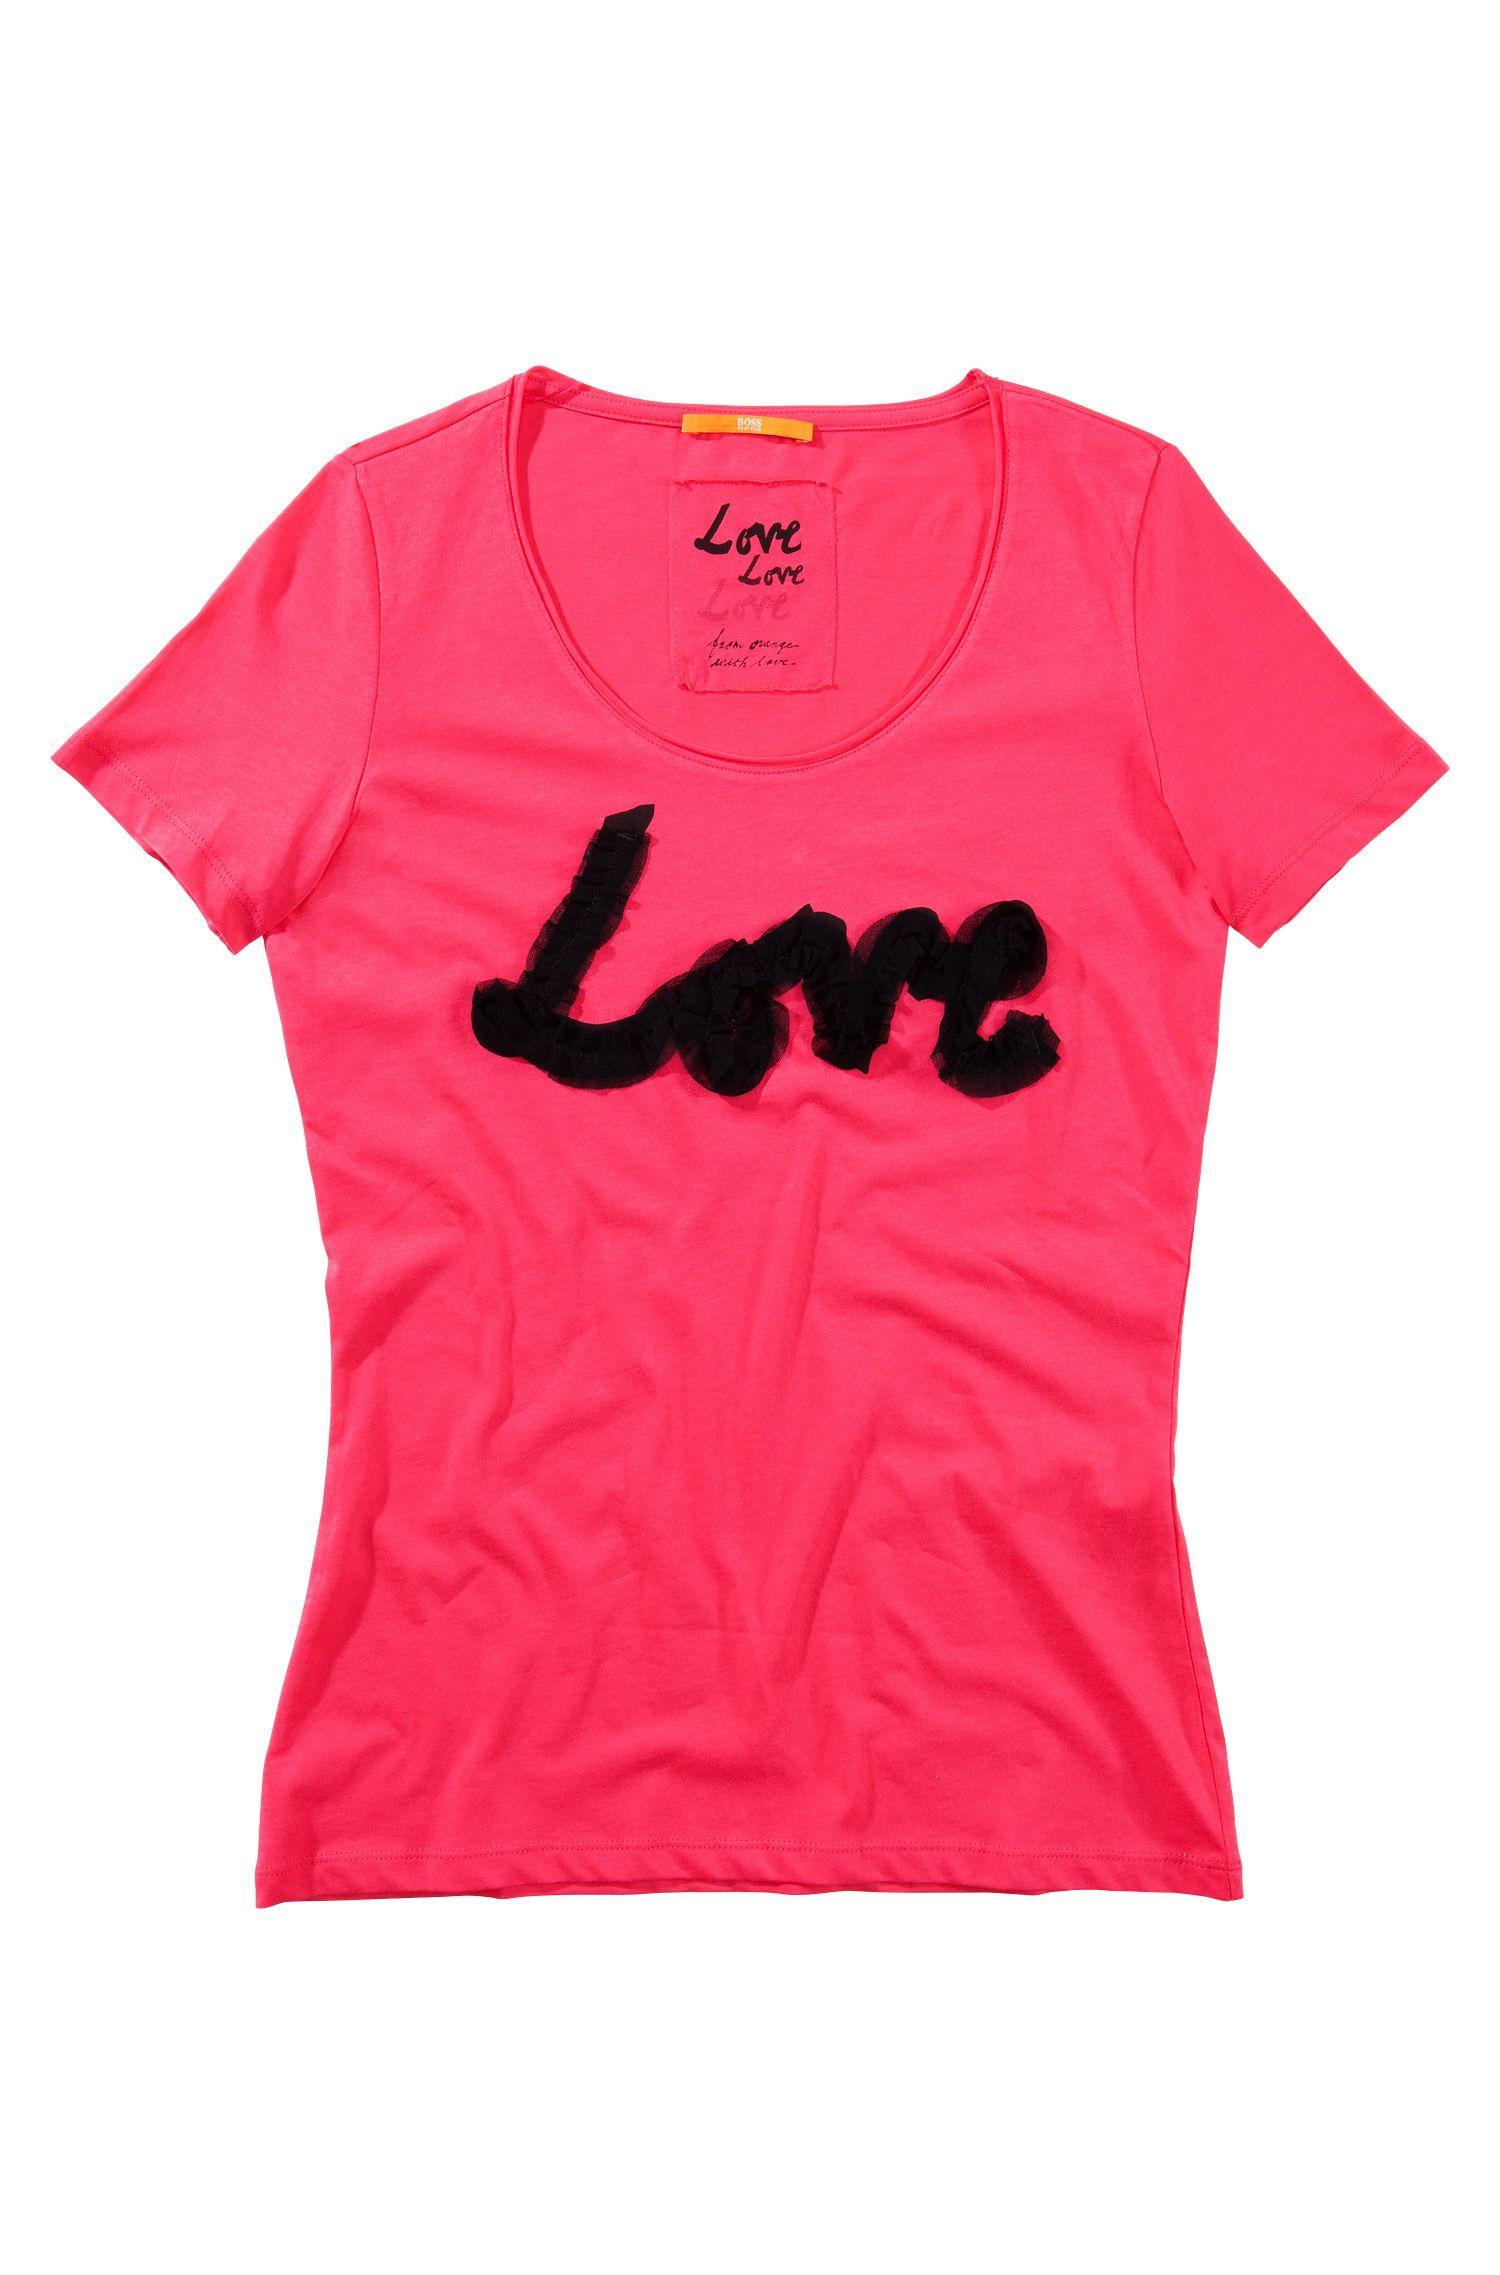 T-shirt en coton, Tecca